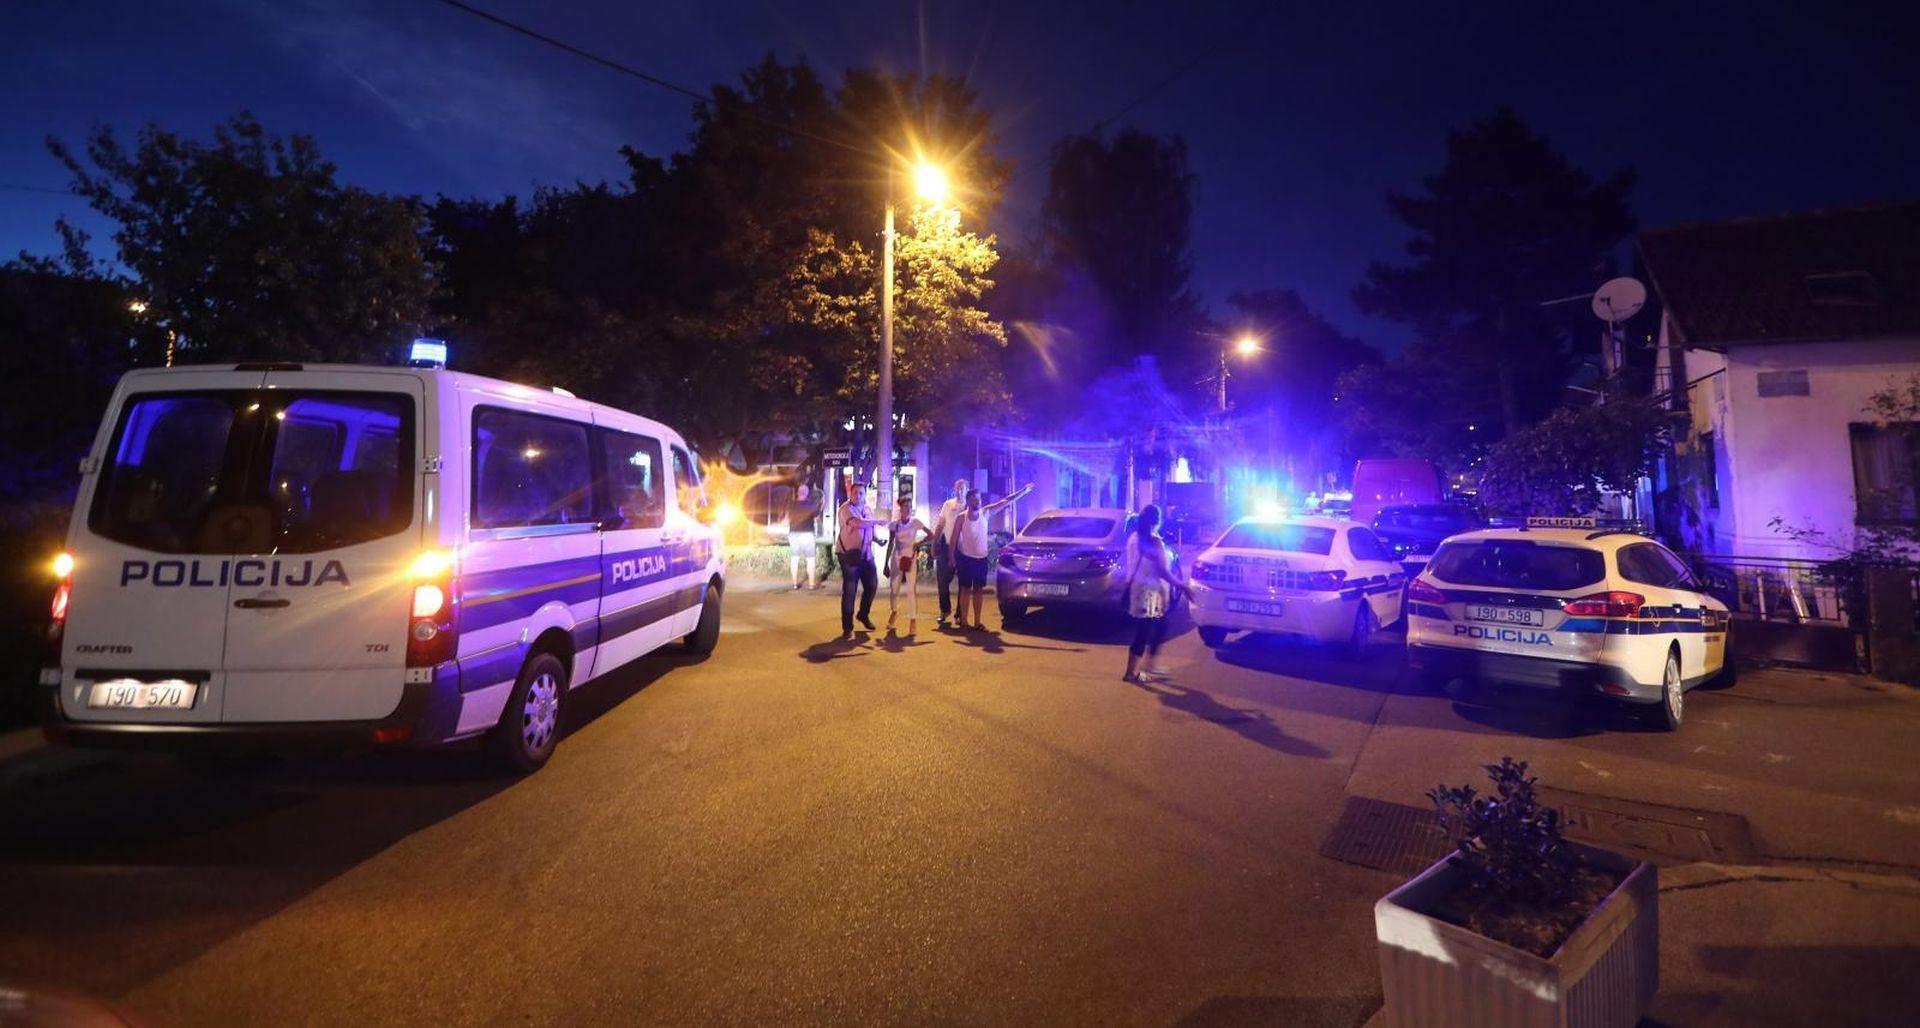 VATRENI OBRAČUN U ZAGREBU Policija privela 19 osoba